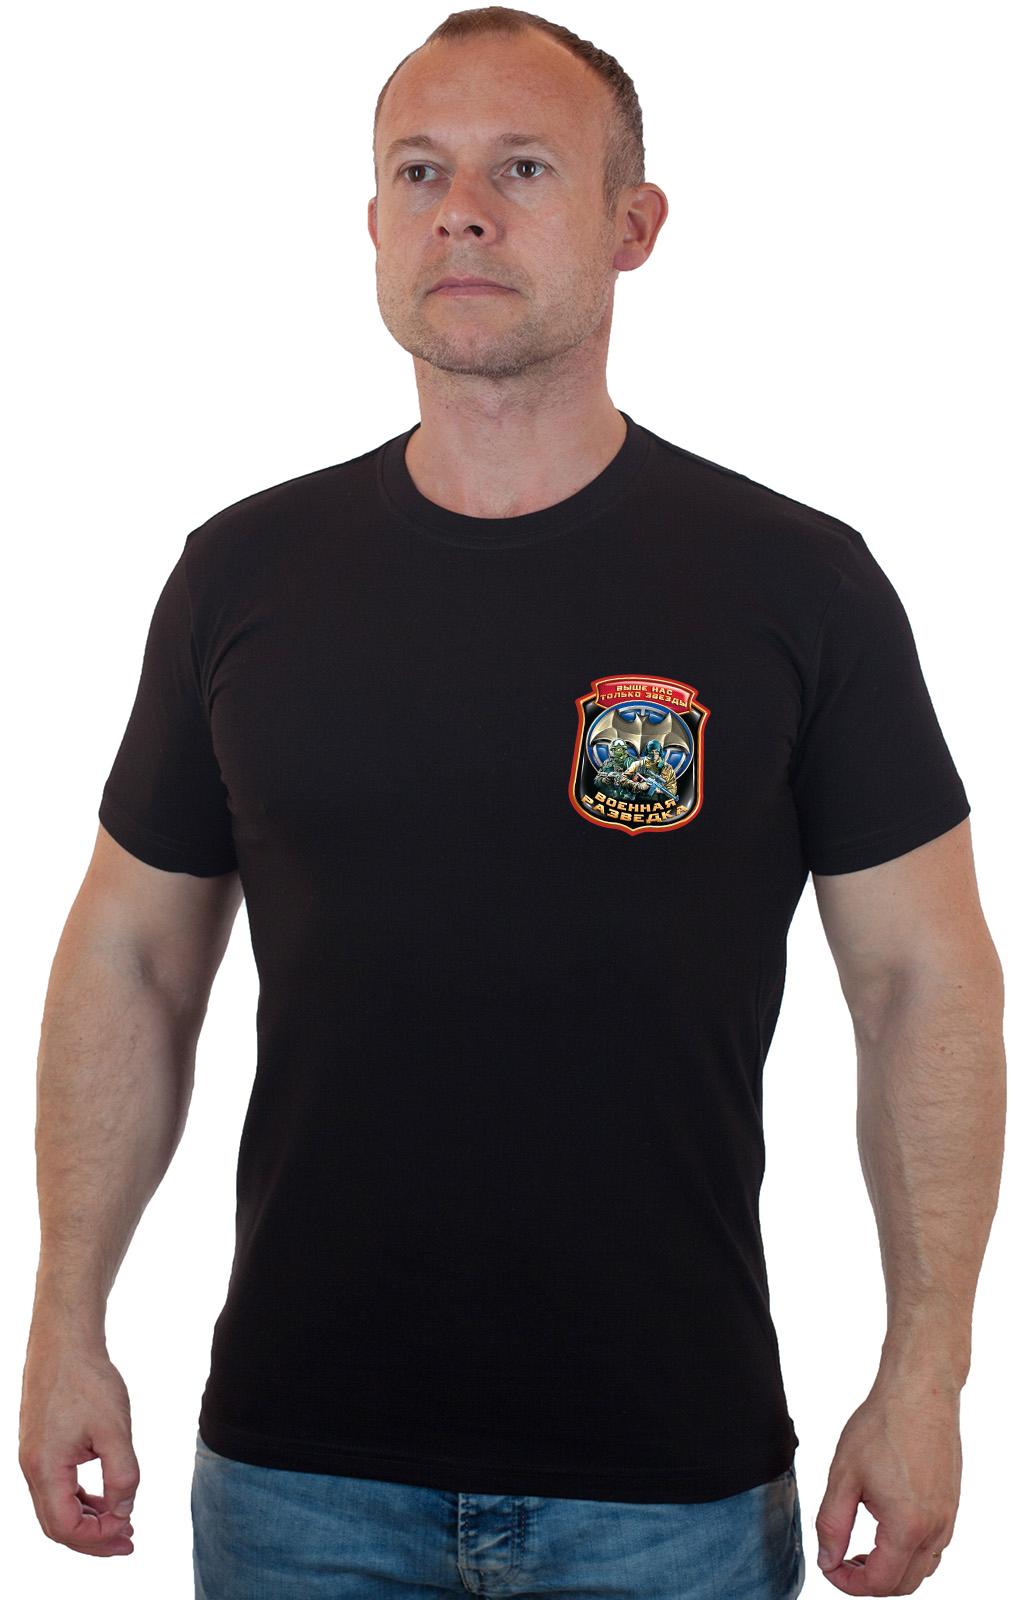 Заказать достойную футболку Военная разведка по лояльной цене